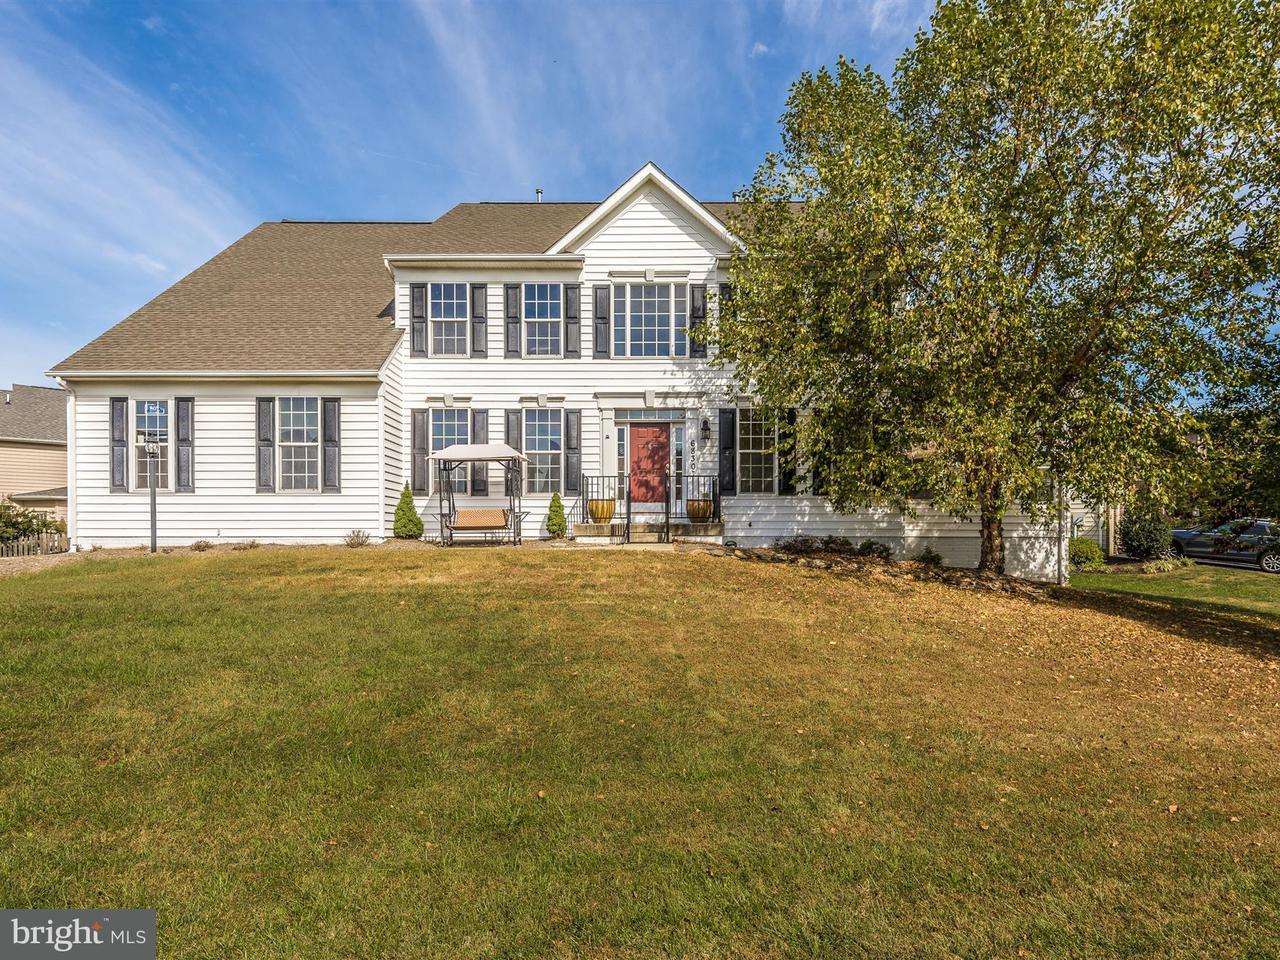 Casa Unifamiliar por un Venta en 6830 Woodcrest Road 6830 Woodcrest Road New Market, Maryland 21774 Estados Unidos